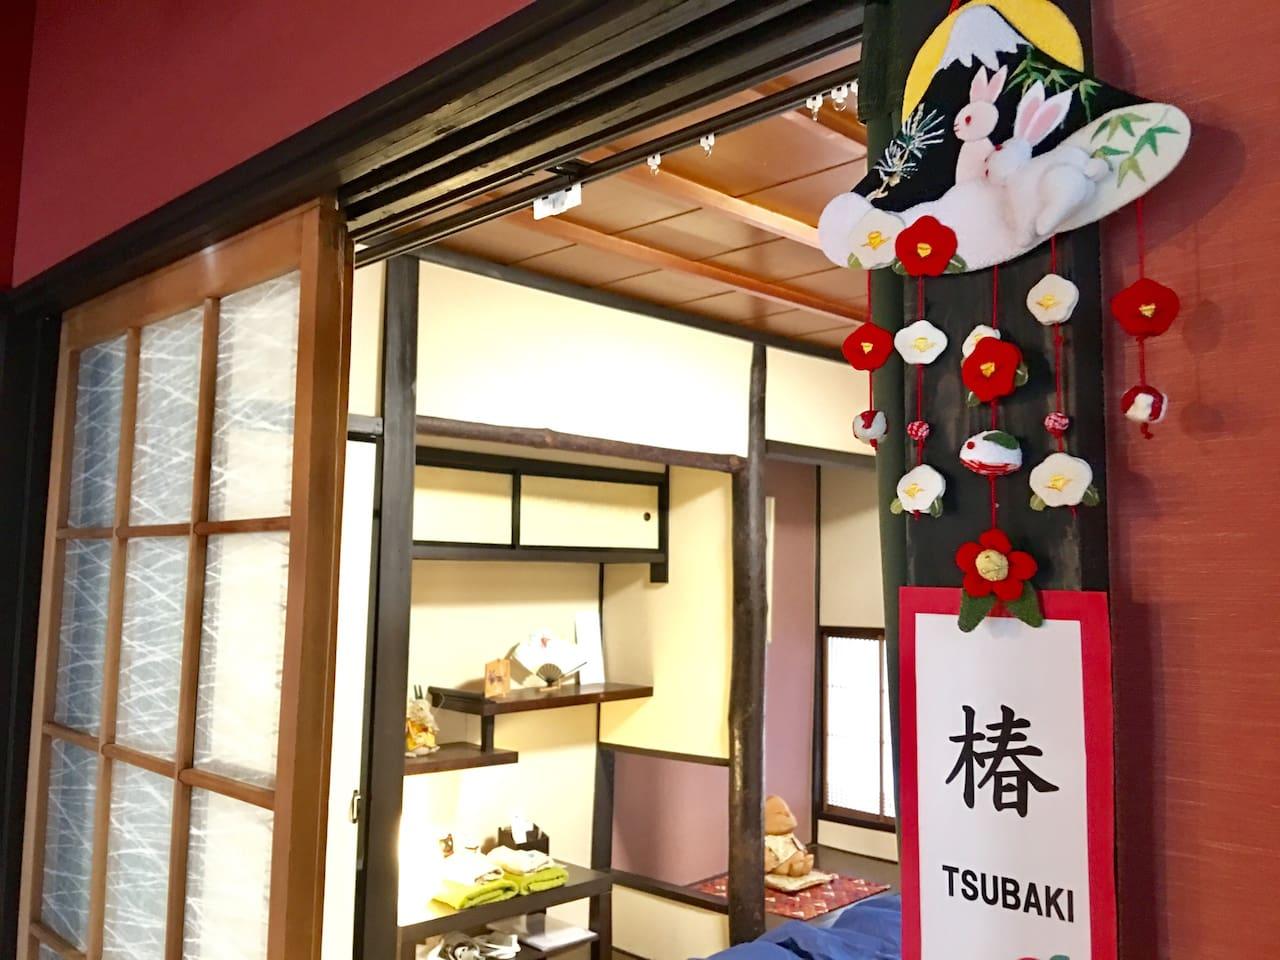 和室 【椿  TSUBAKI】 TSUBAKI Room @1F